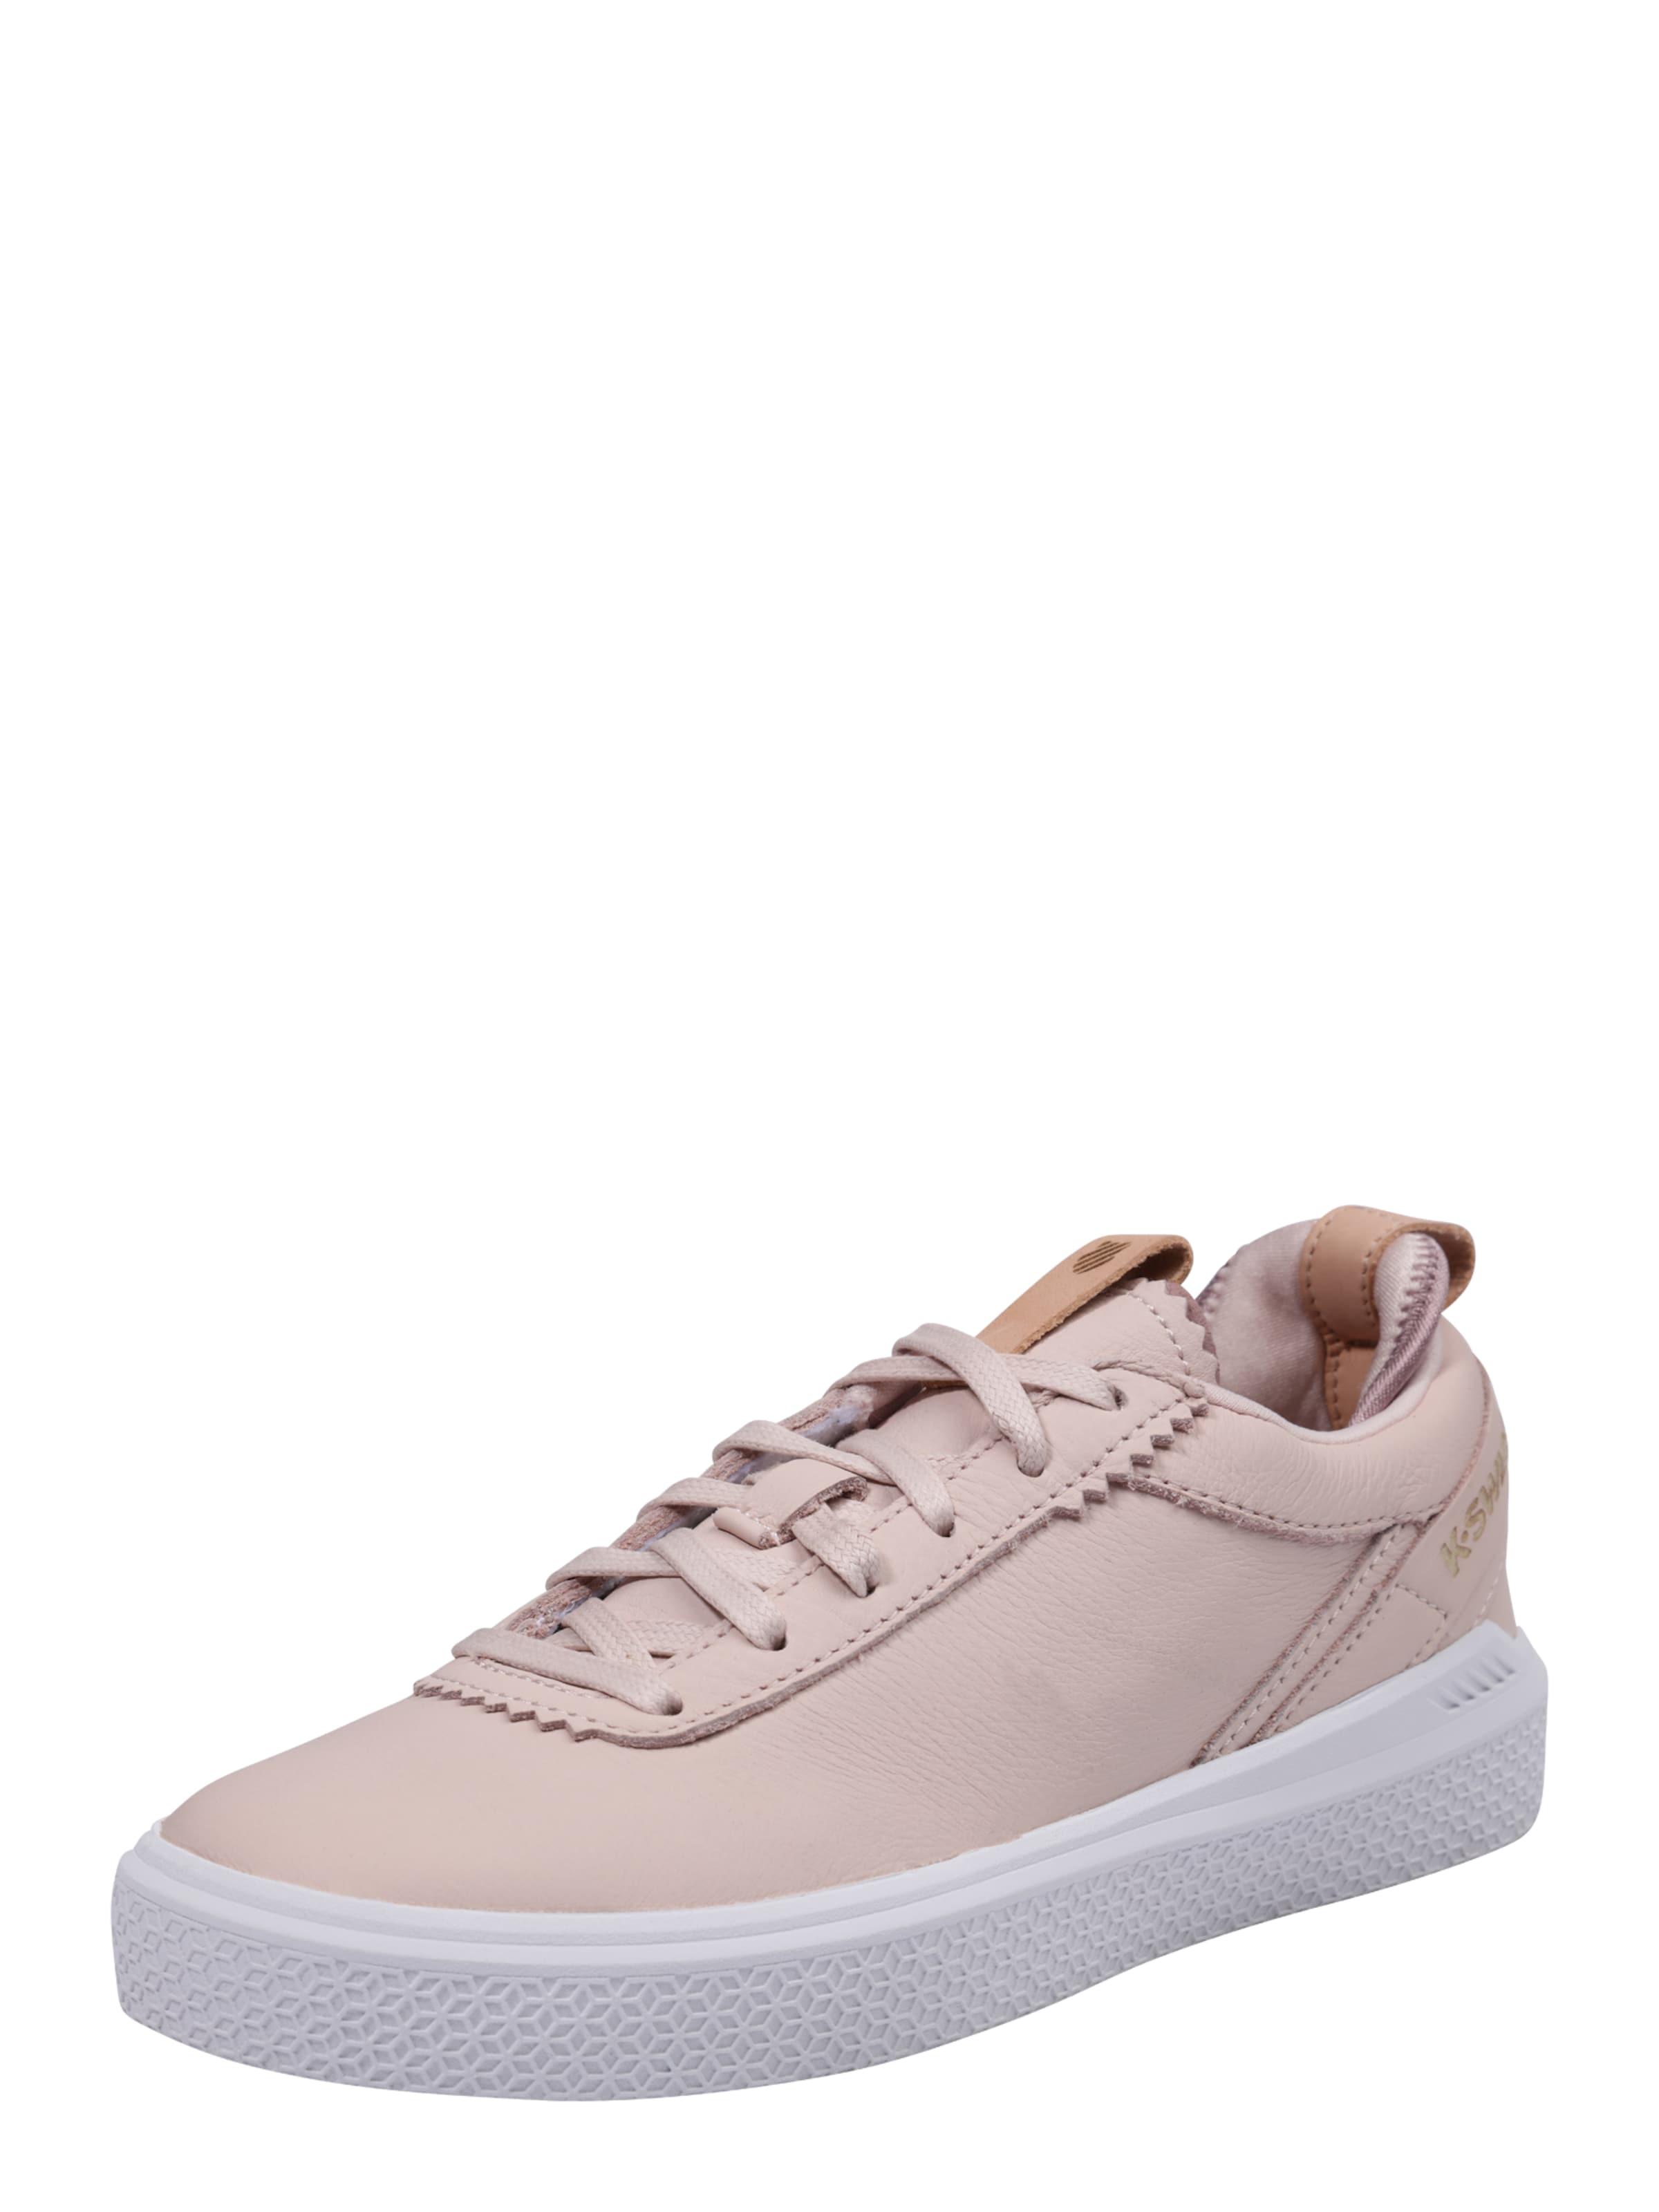 Haltbare Mode billige Schuhe K-SWISS | Sneaker 'Dani' Schuhe Gut getragene getragene Gut Schuhe 207a20